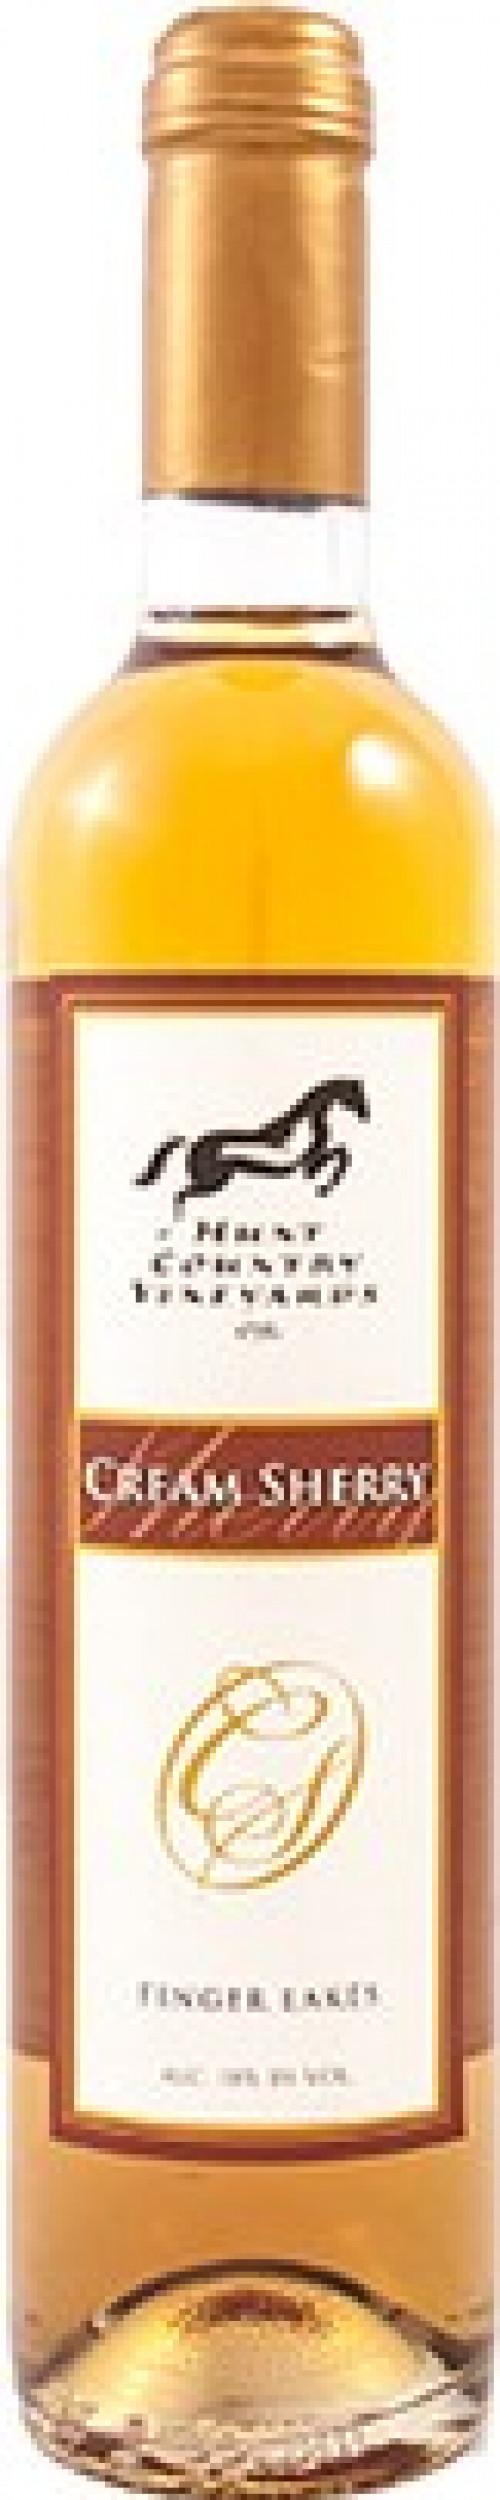 Hunt Country Cream Sherry 500ml